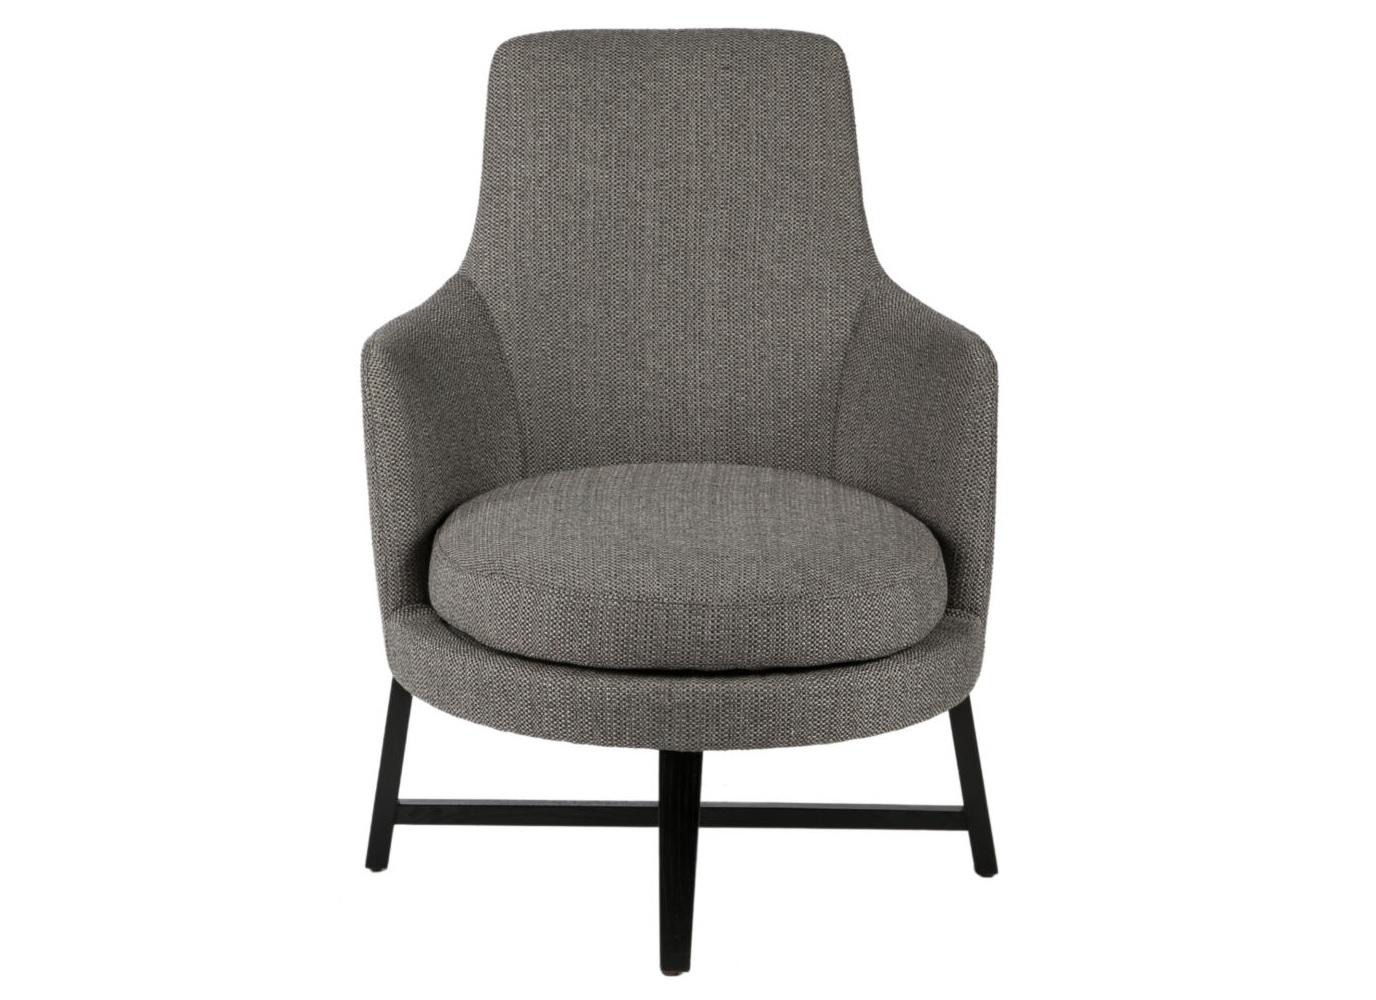 Кресло Guscio graphiteКресла с высокой спинкой<br><br><br>Material: Текстиль<br>Ширина см: 66<br>Высота см: 82<br>Глубина см: 80